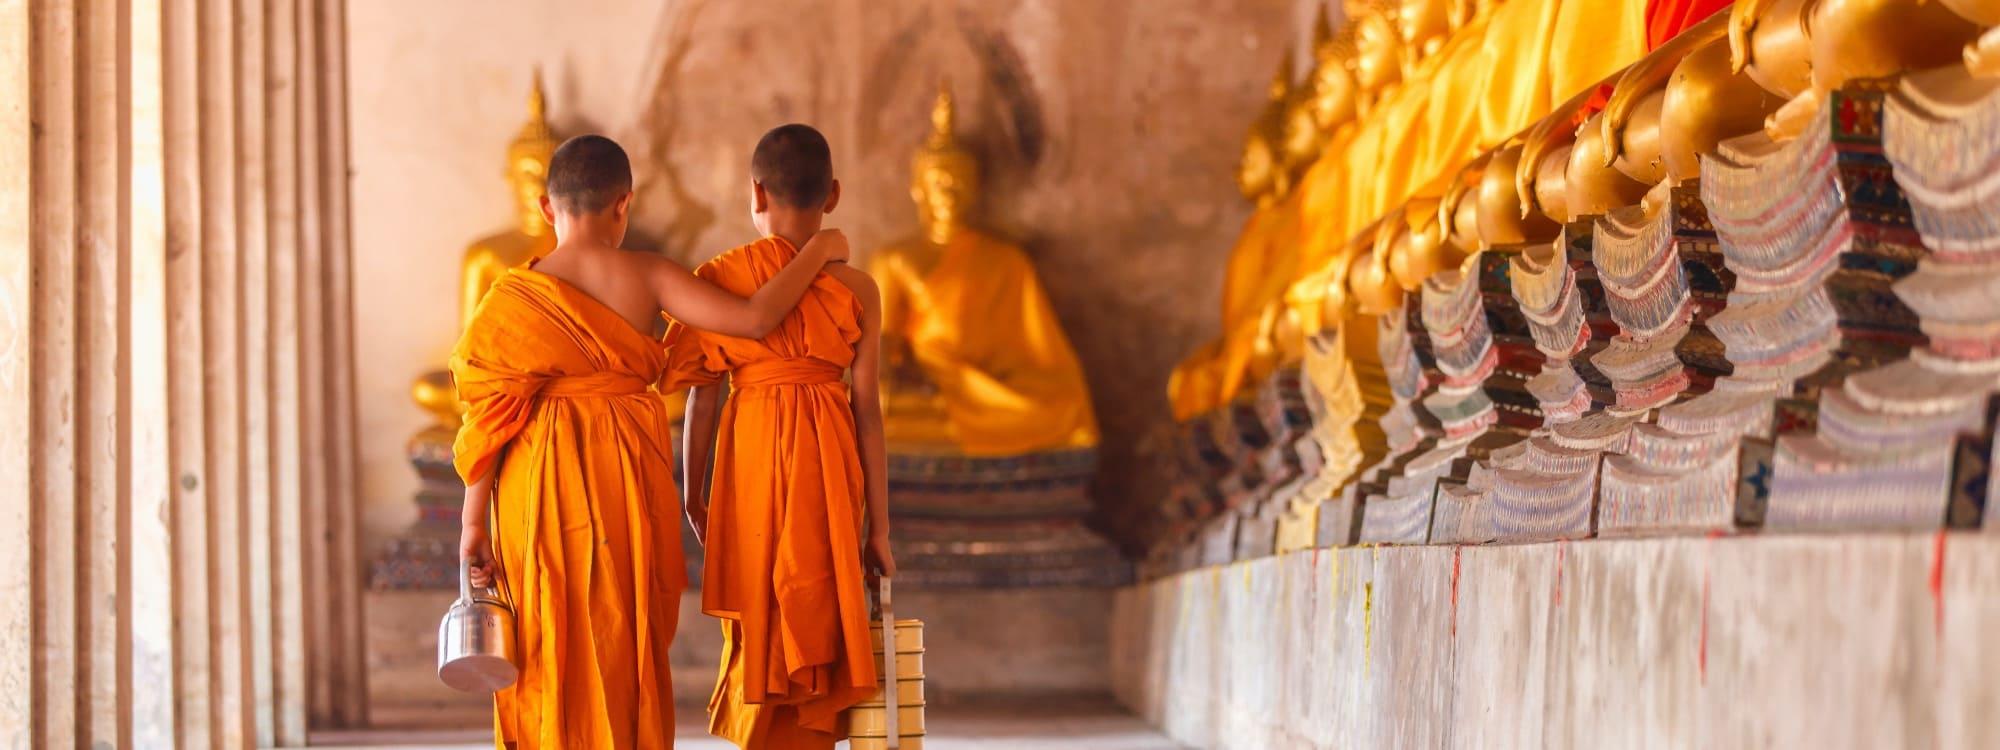 Junge Mönche kontemplieren im buddhistischen Kloster